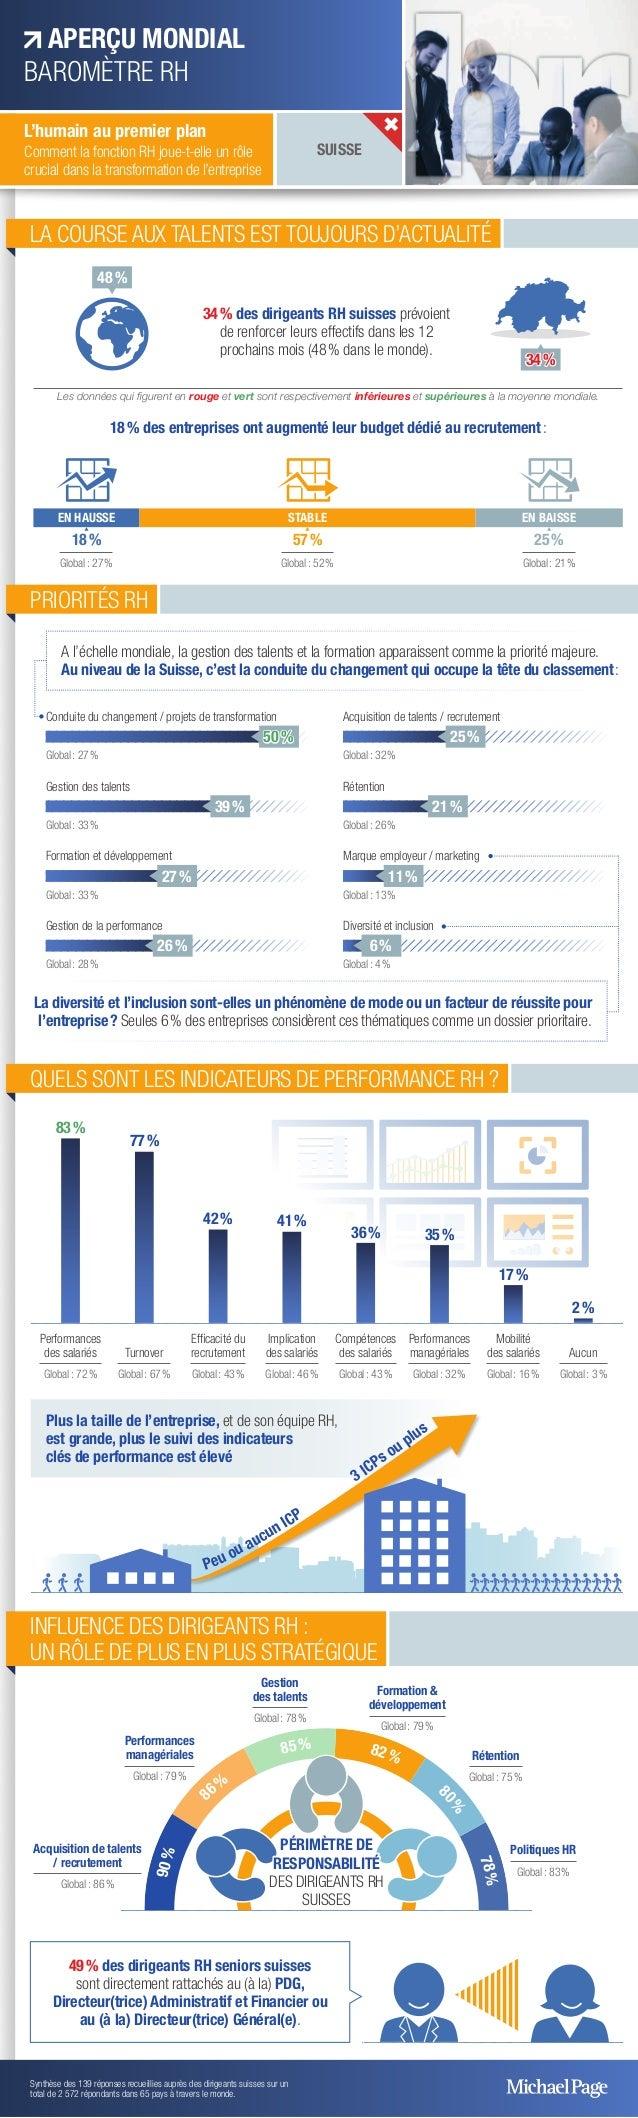 LA COURSE AUX TALENTS EST TOUJOURS D'ACTUALITÉ 34% des dirigeants RH suisses prévoient de renforcer leurs effectifs dans ...